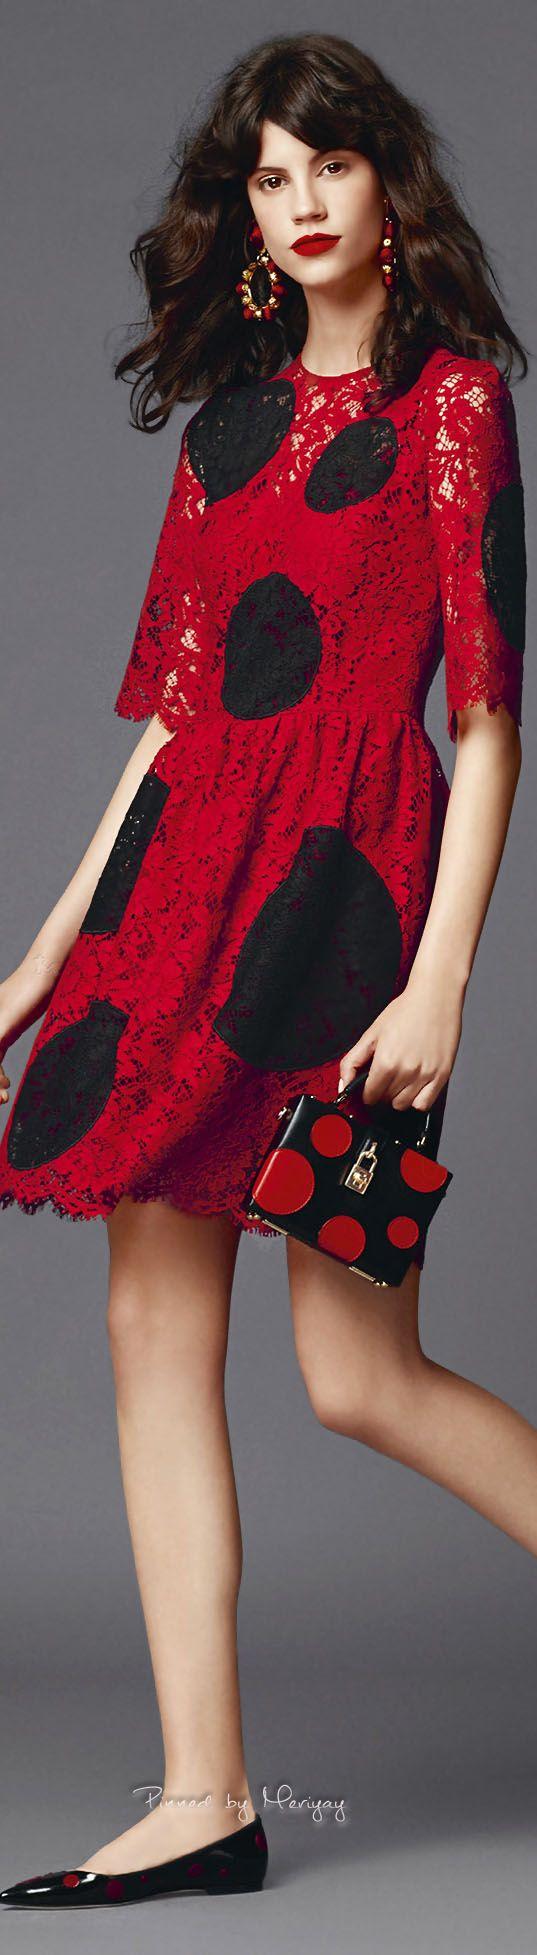 #Farbbberatung #Stilberatung #Farbenreich mit ♔Dolce & Gabbana.2015♔